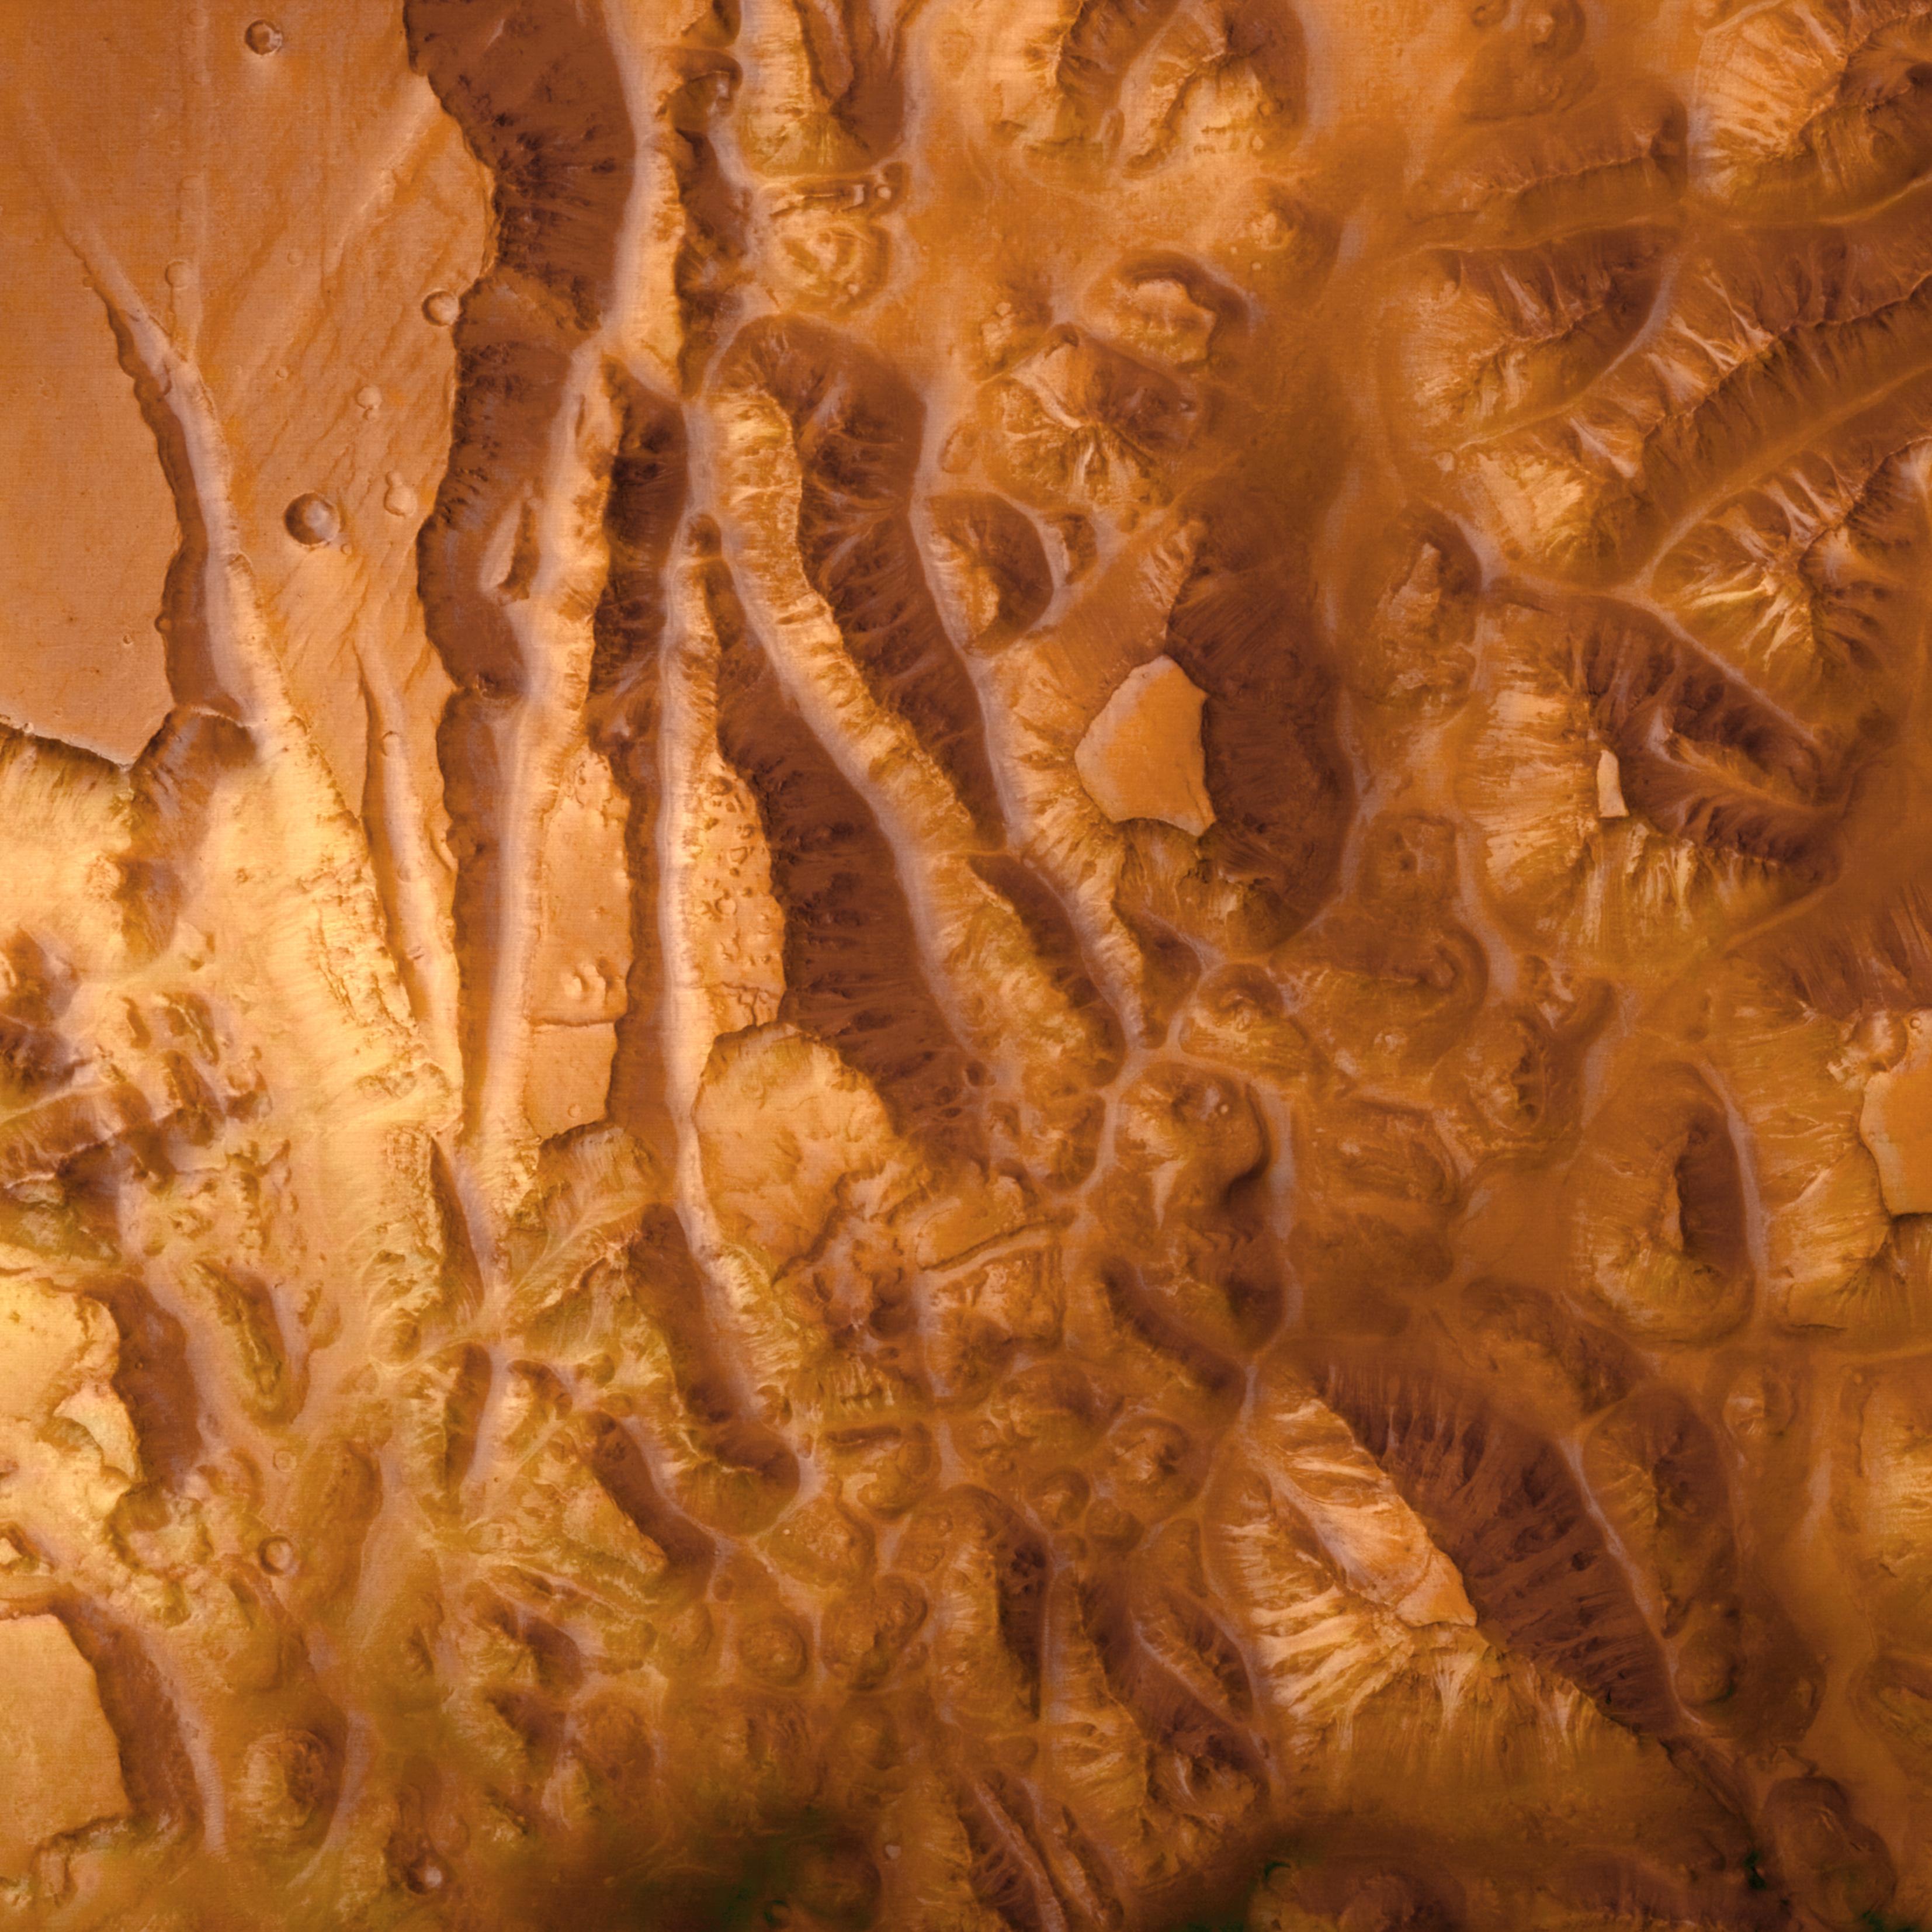 1567220512138-Valles_Marineris_Overhead.jpg